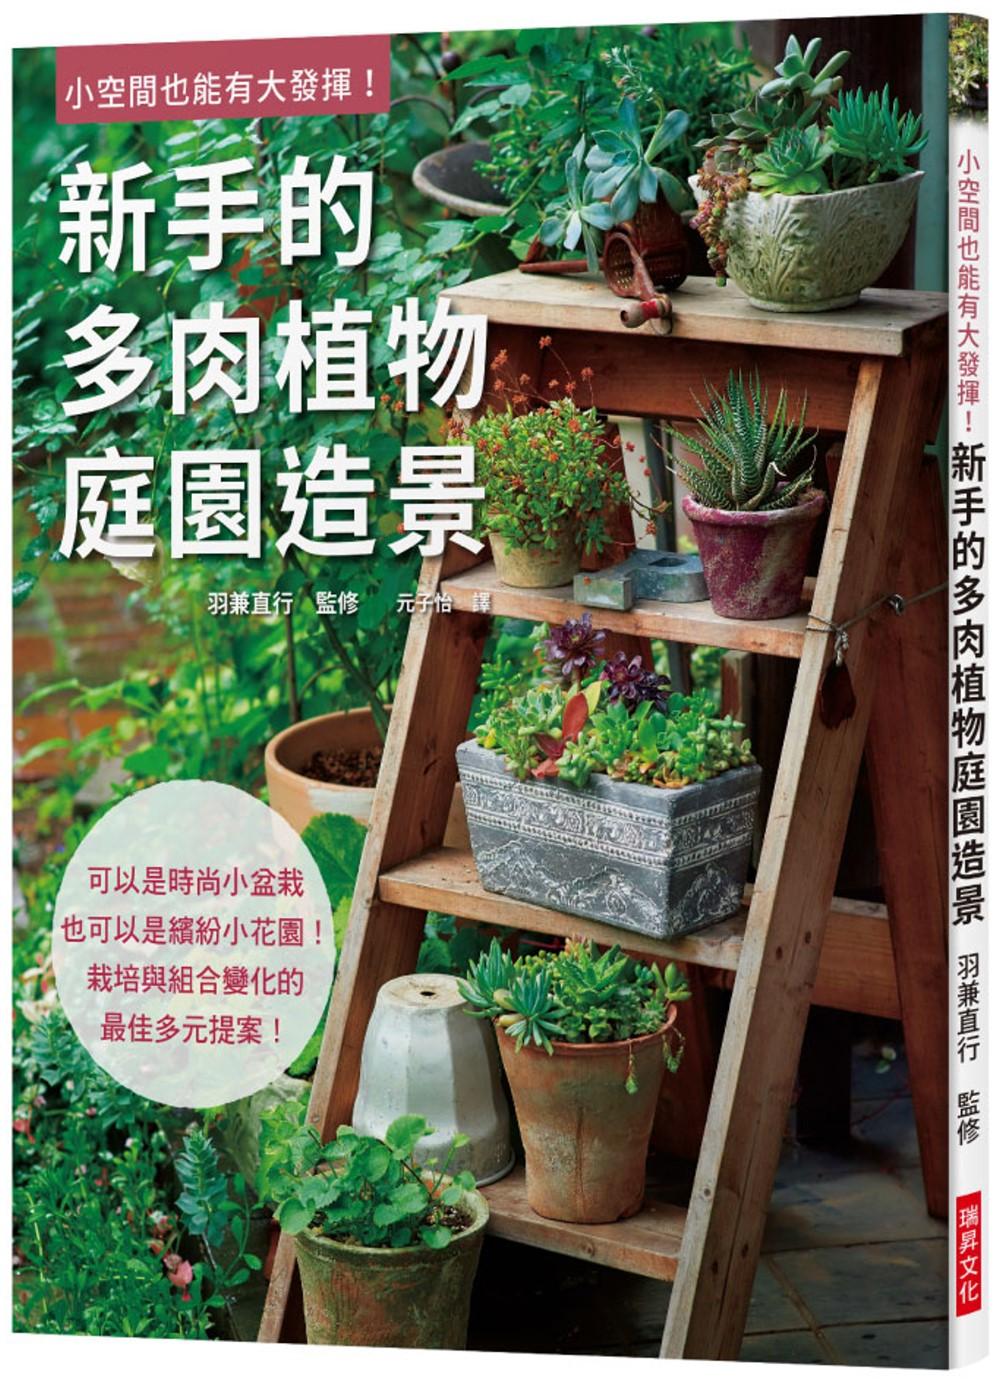 ◤博客來BOOKS◢ 暢銷書榜《推薦》新手的多肉植物庭園造景:可以是時尚小盆栽,也可以是繽紛小花園!栽培與組合變化的最佳多元提案!